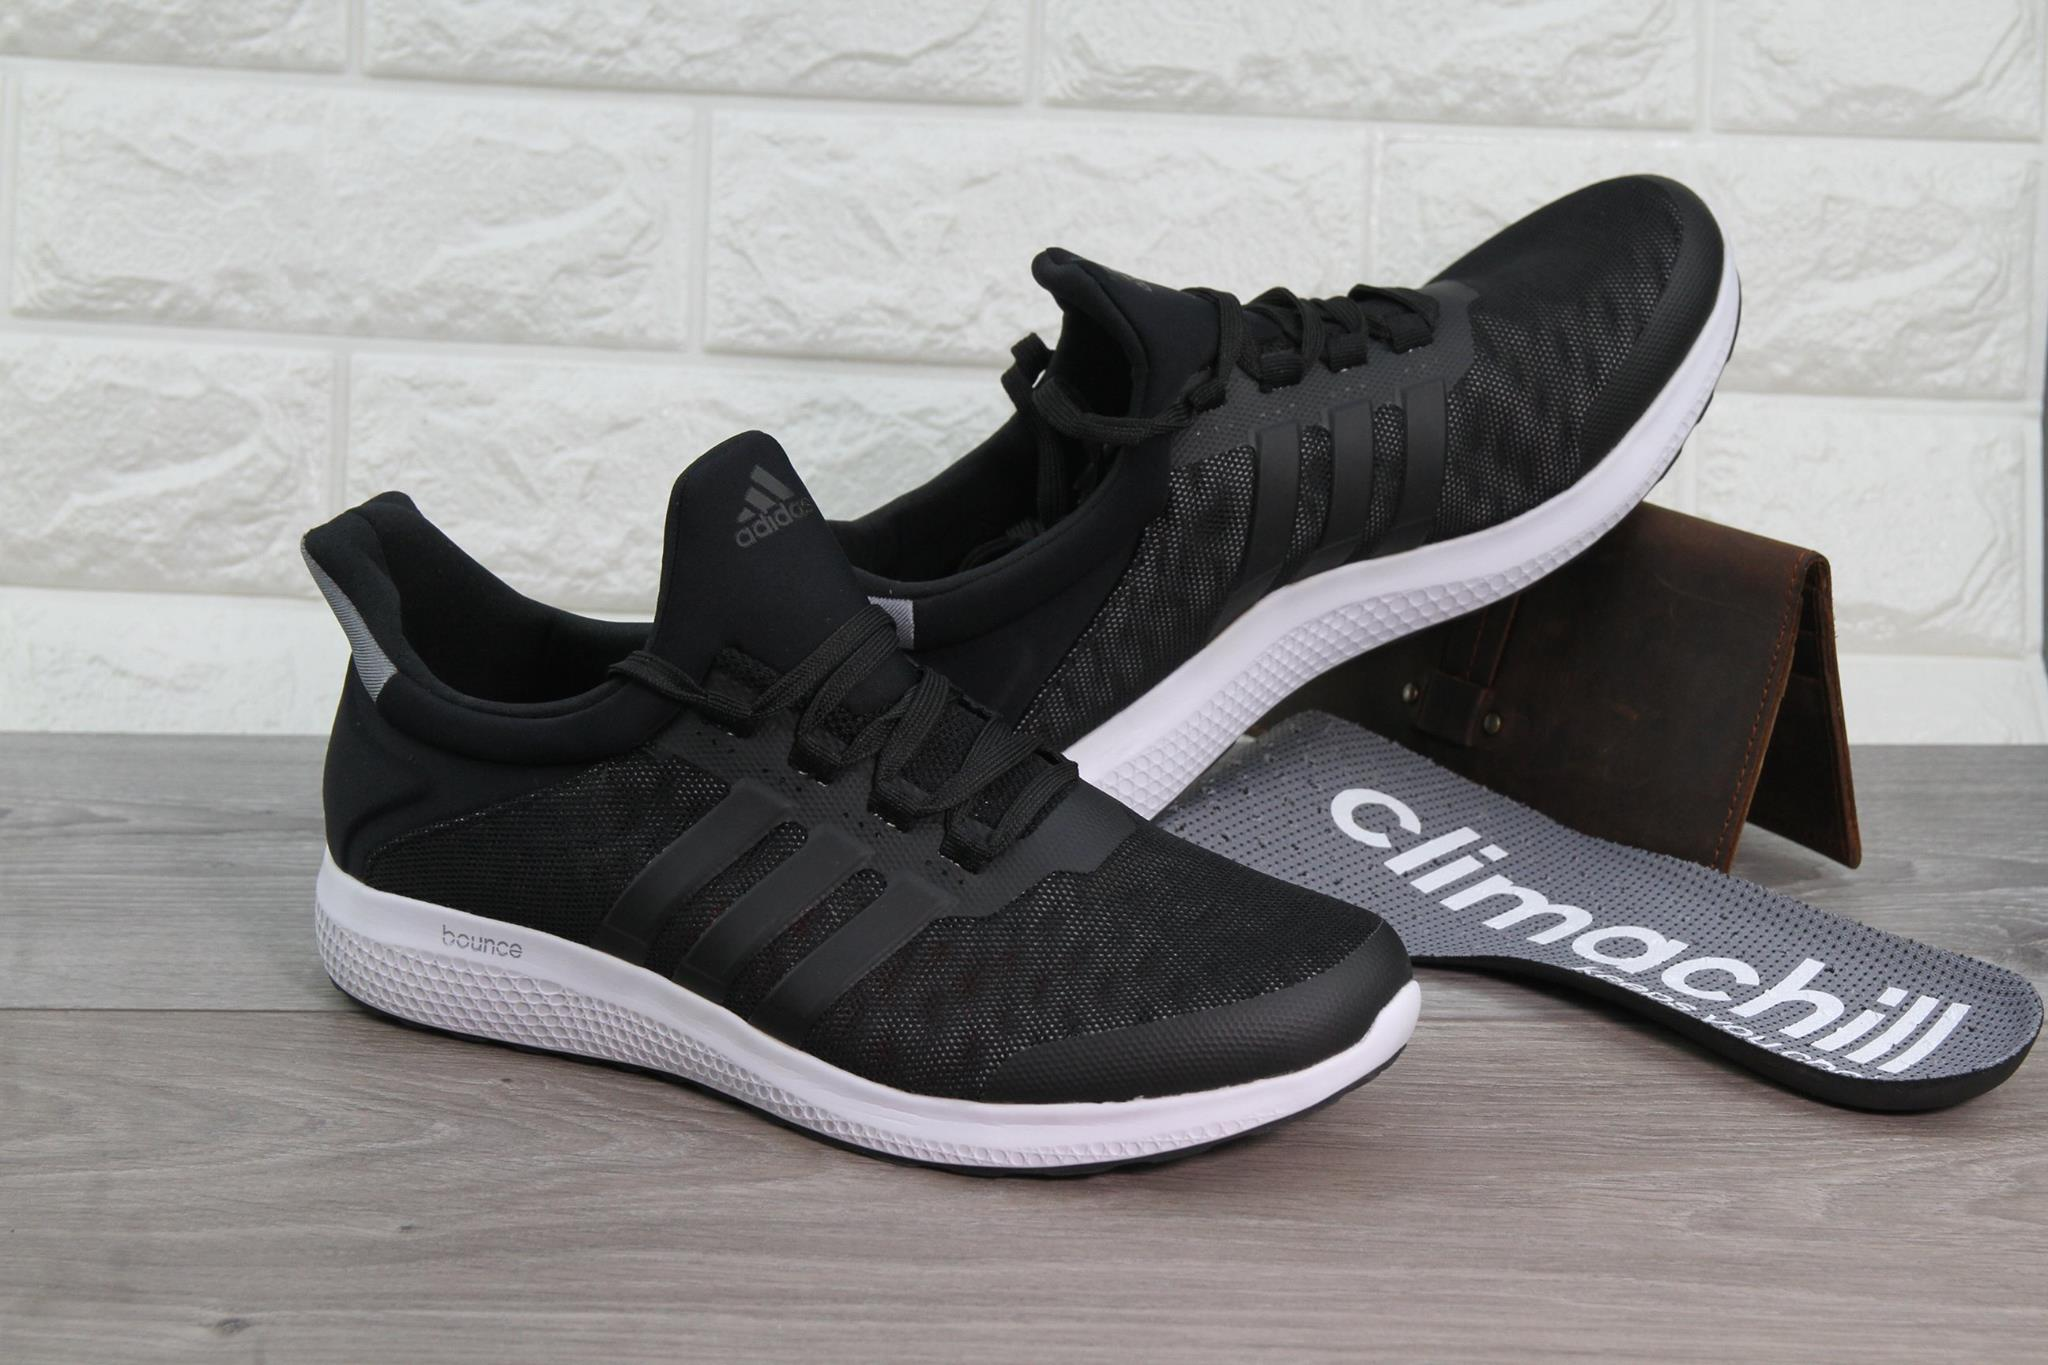 giay-the-thao-nam-adidas-bounce-sf1